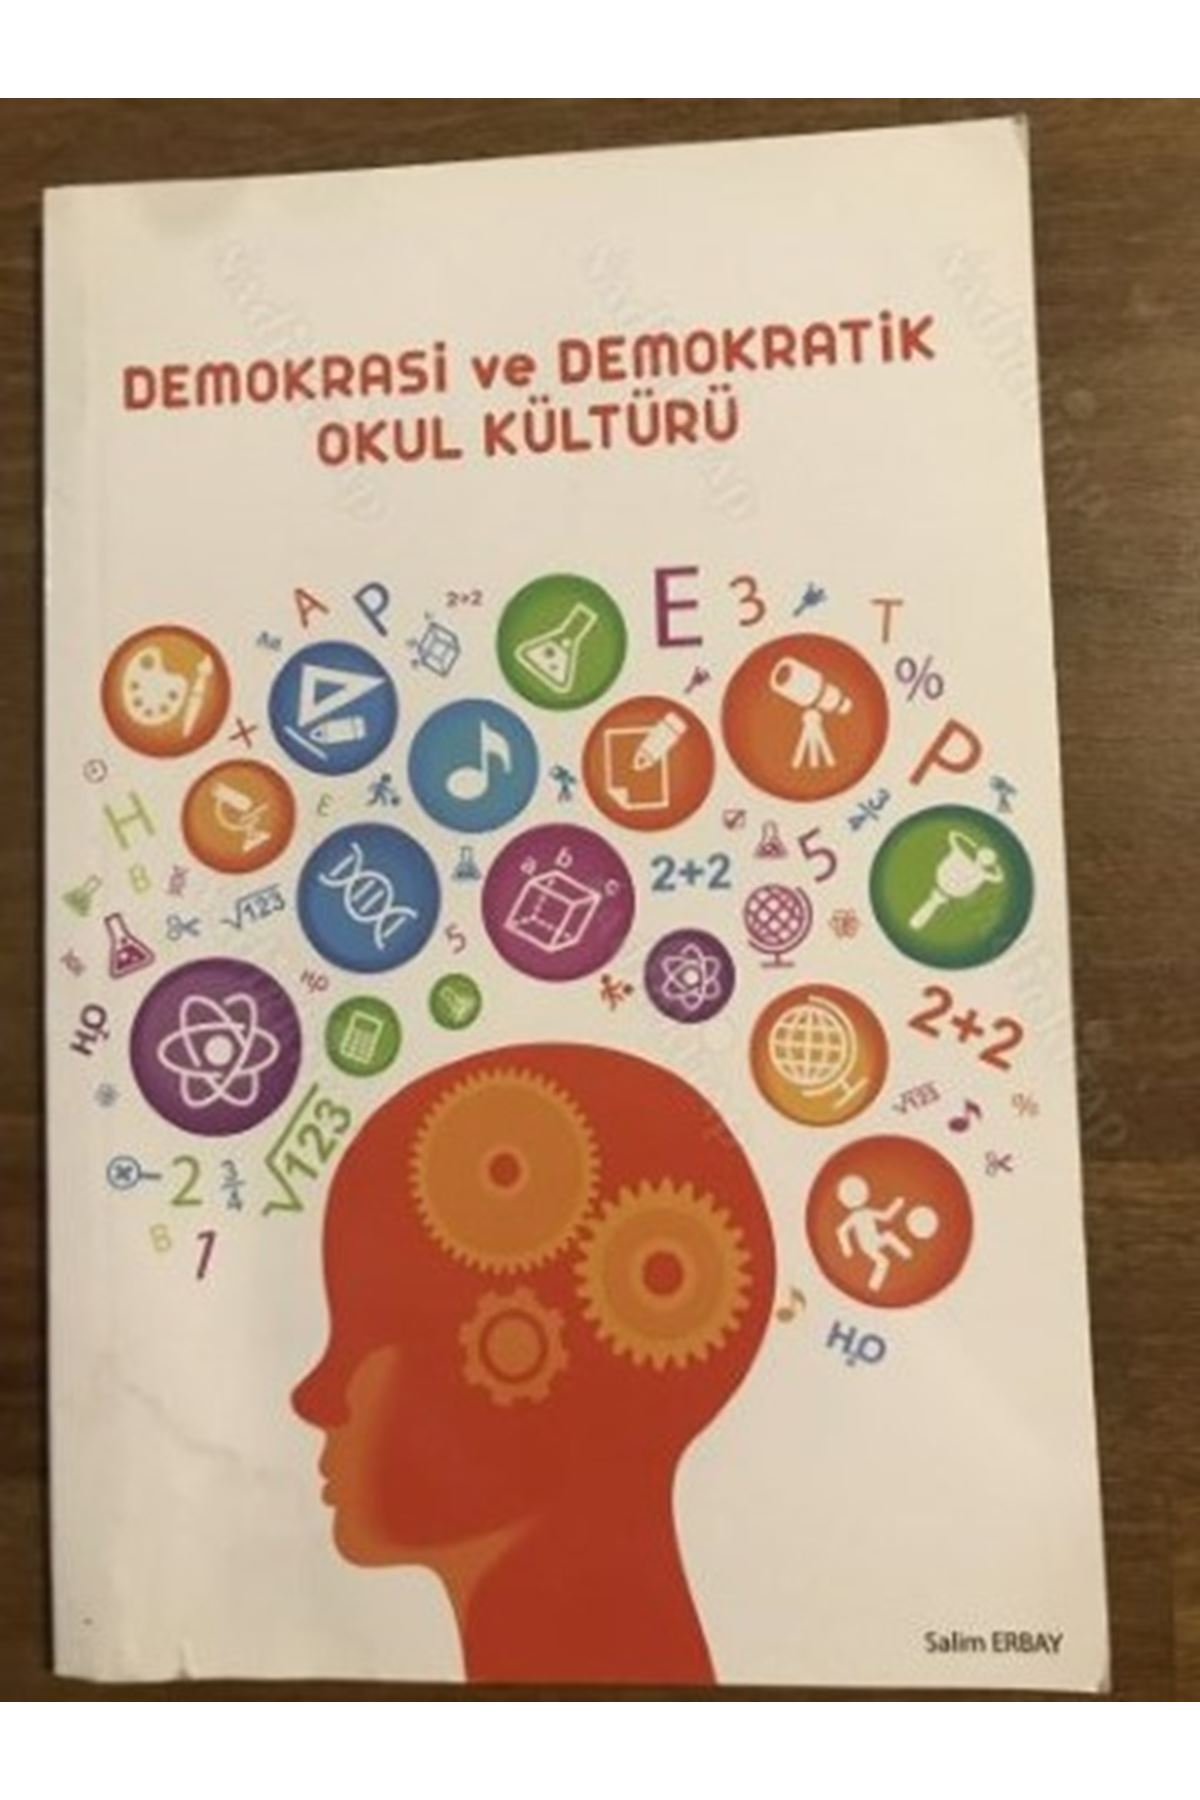 SALİM ERBAY - DEMOKRASİ VE DEMOKRATİK OKUL KÜLTÜRÜ